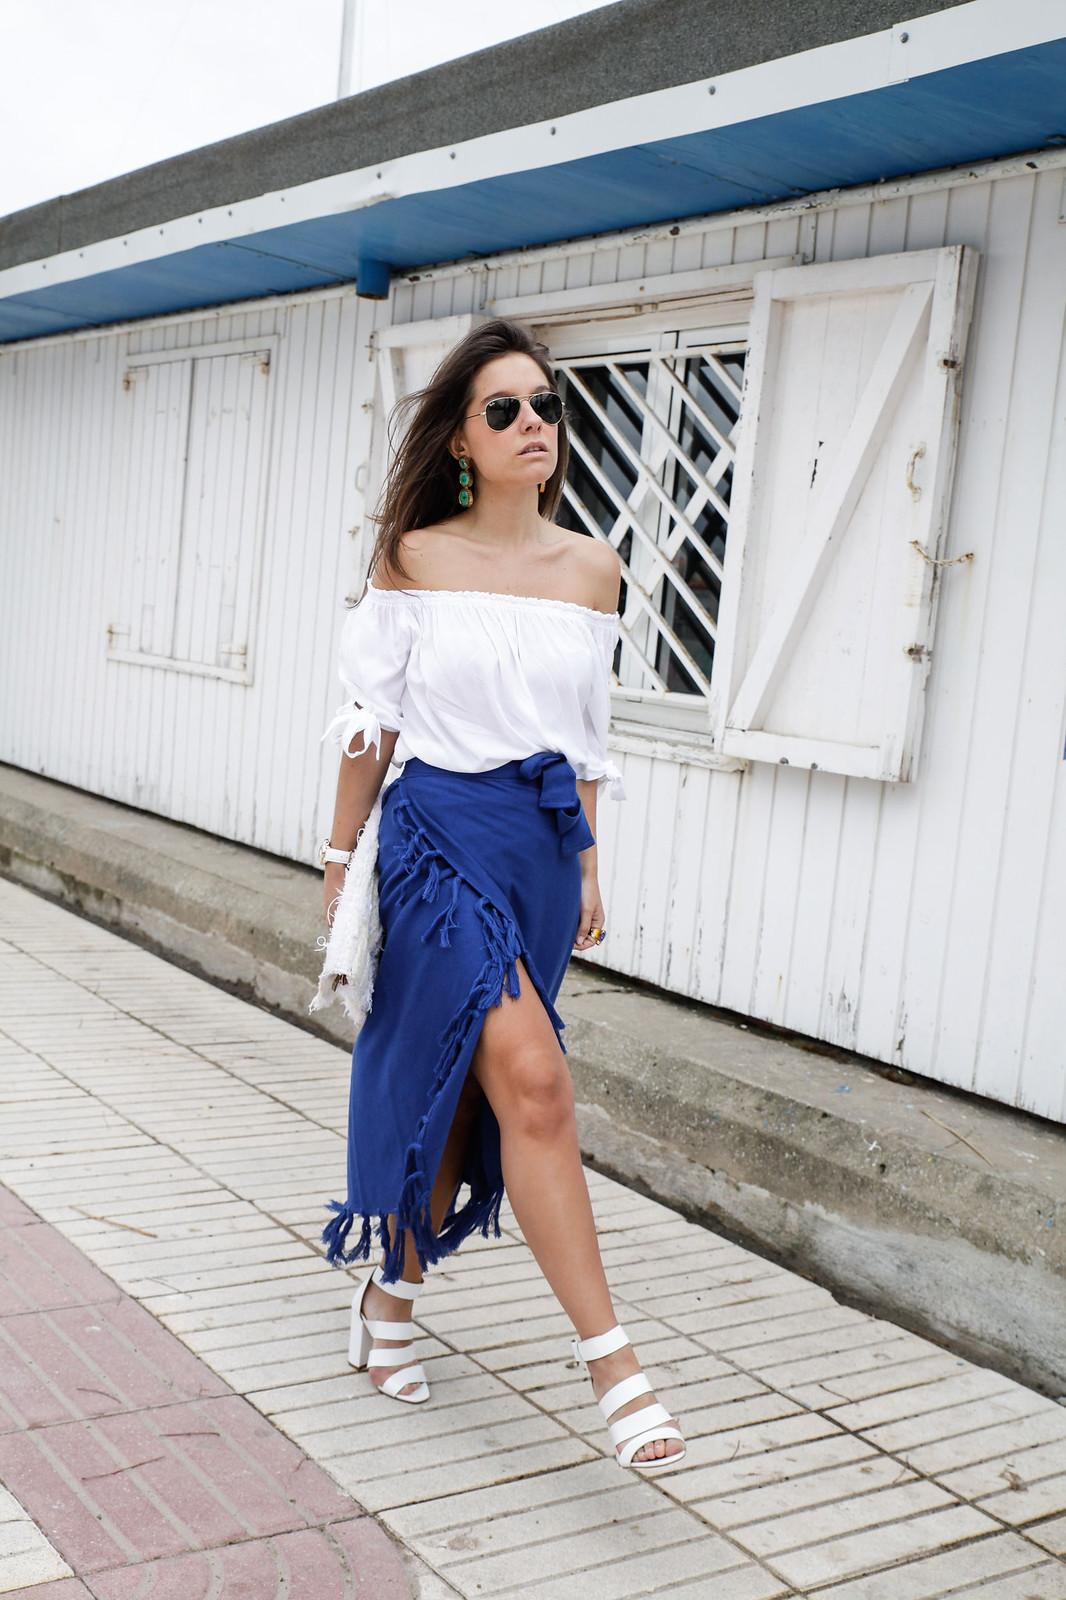 011_Falda_Azul_boho_look_marinero_theguestgirl_influencer_barcelona_marca_portugal_ruga